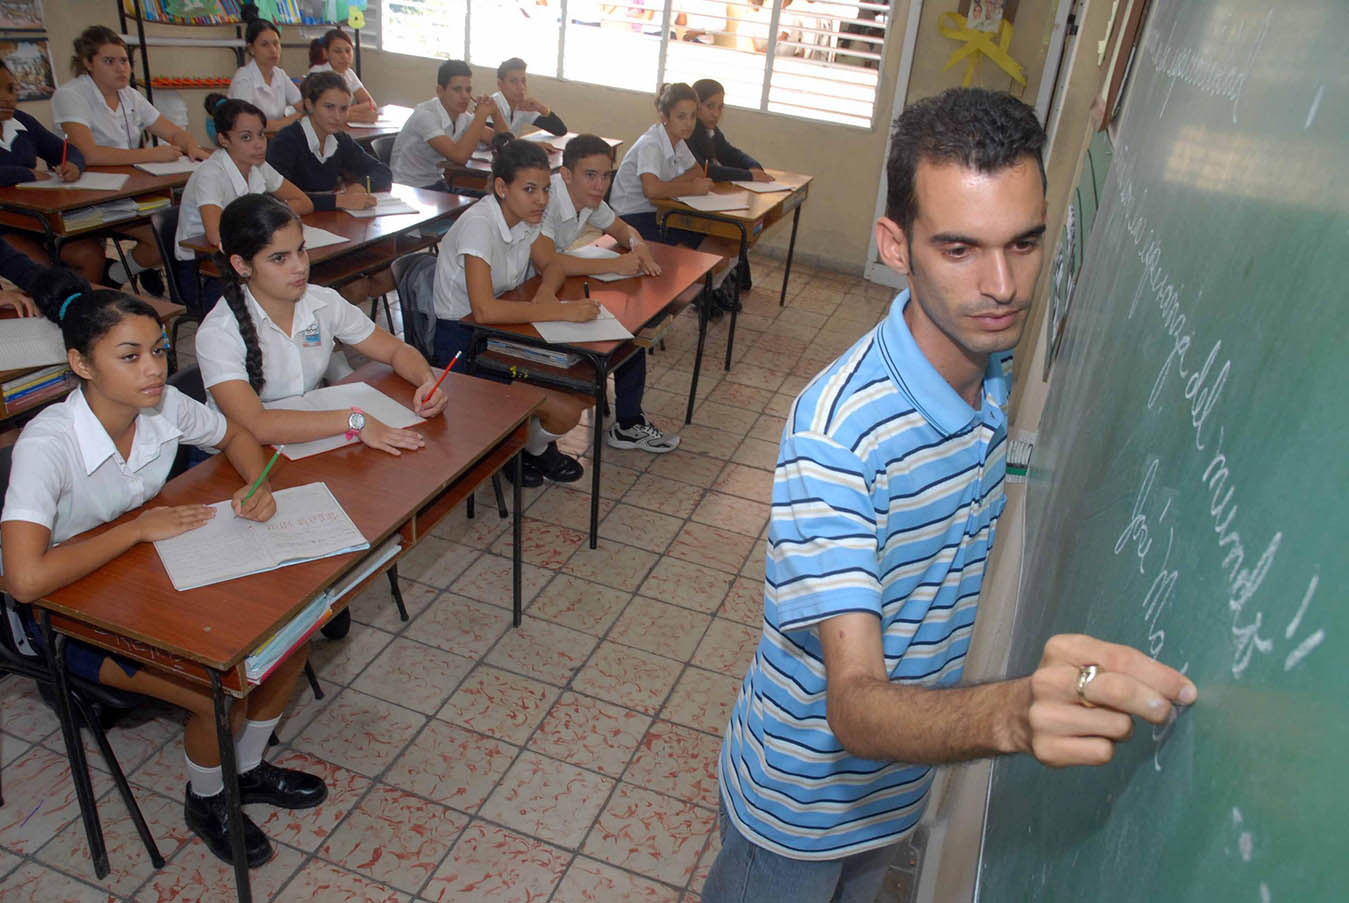 Los resultados de Cuba en educación se deben a que no se ha olvidado el valioso legado pedagógico cubano, cimentado en lo más significativo del mundo